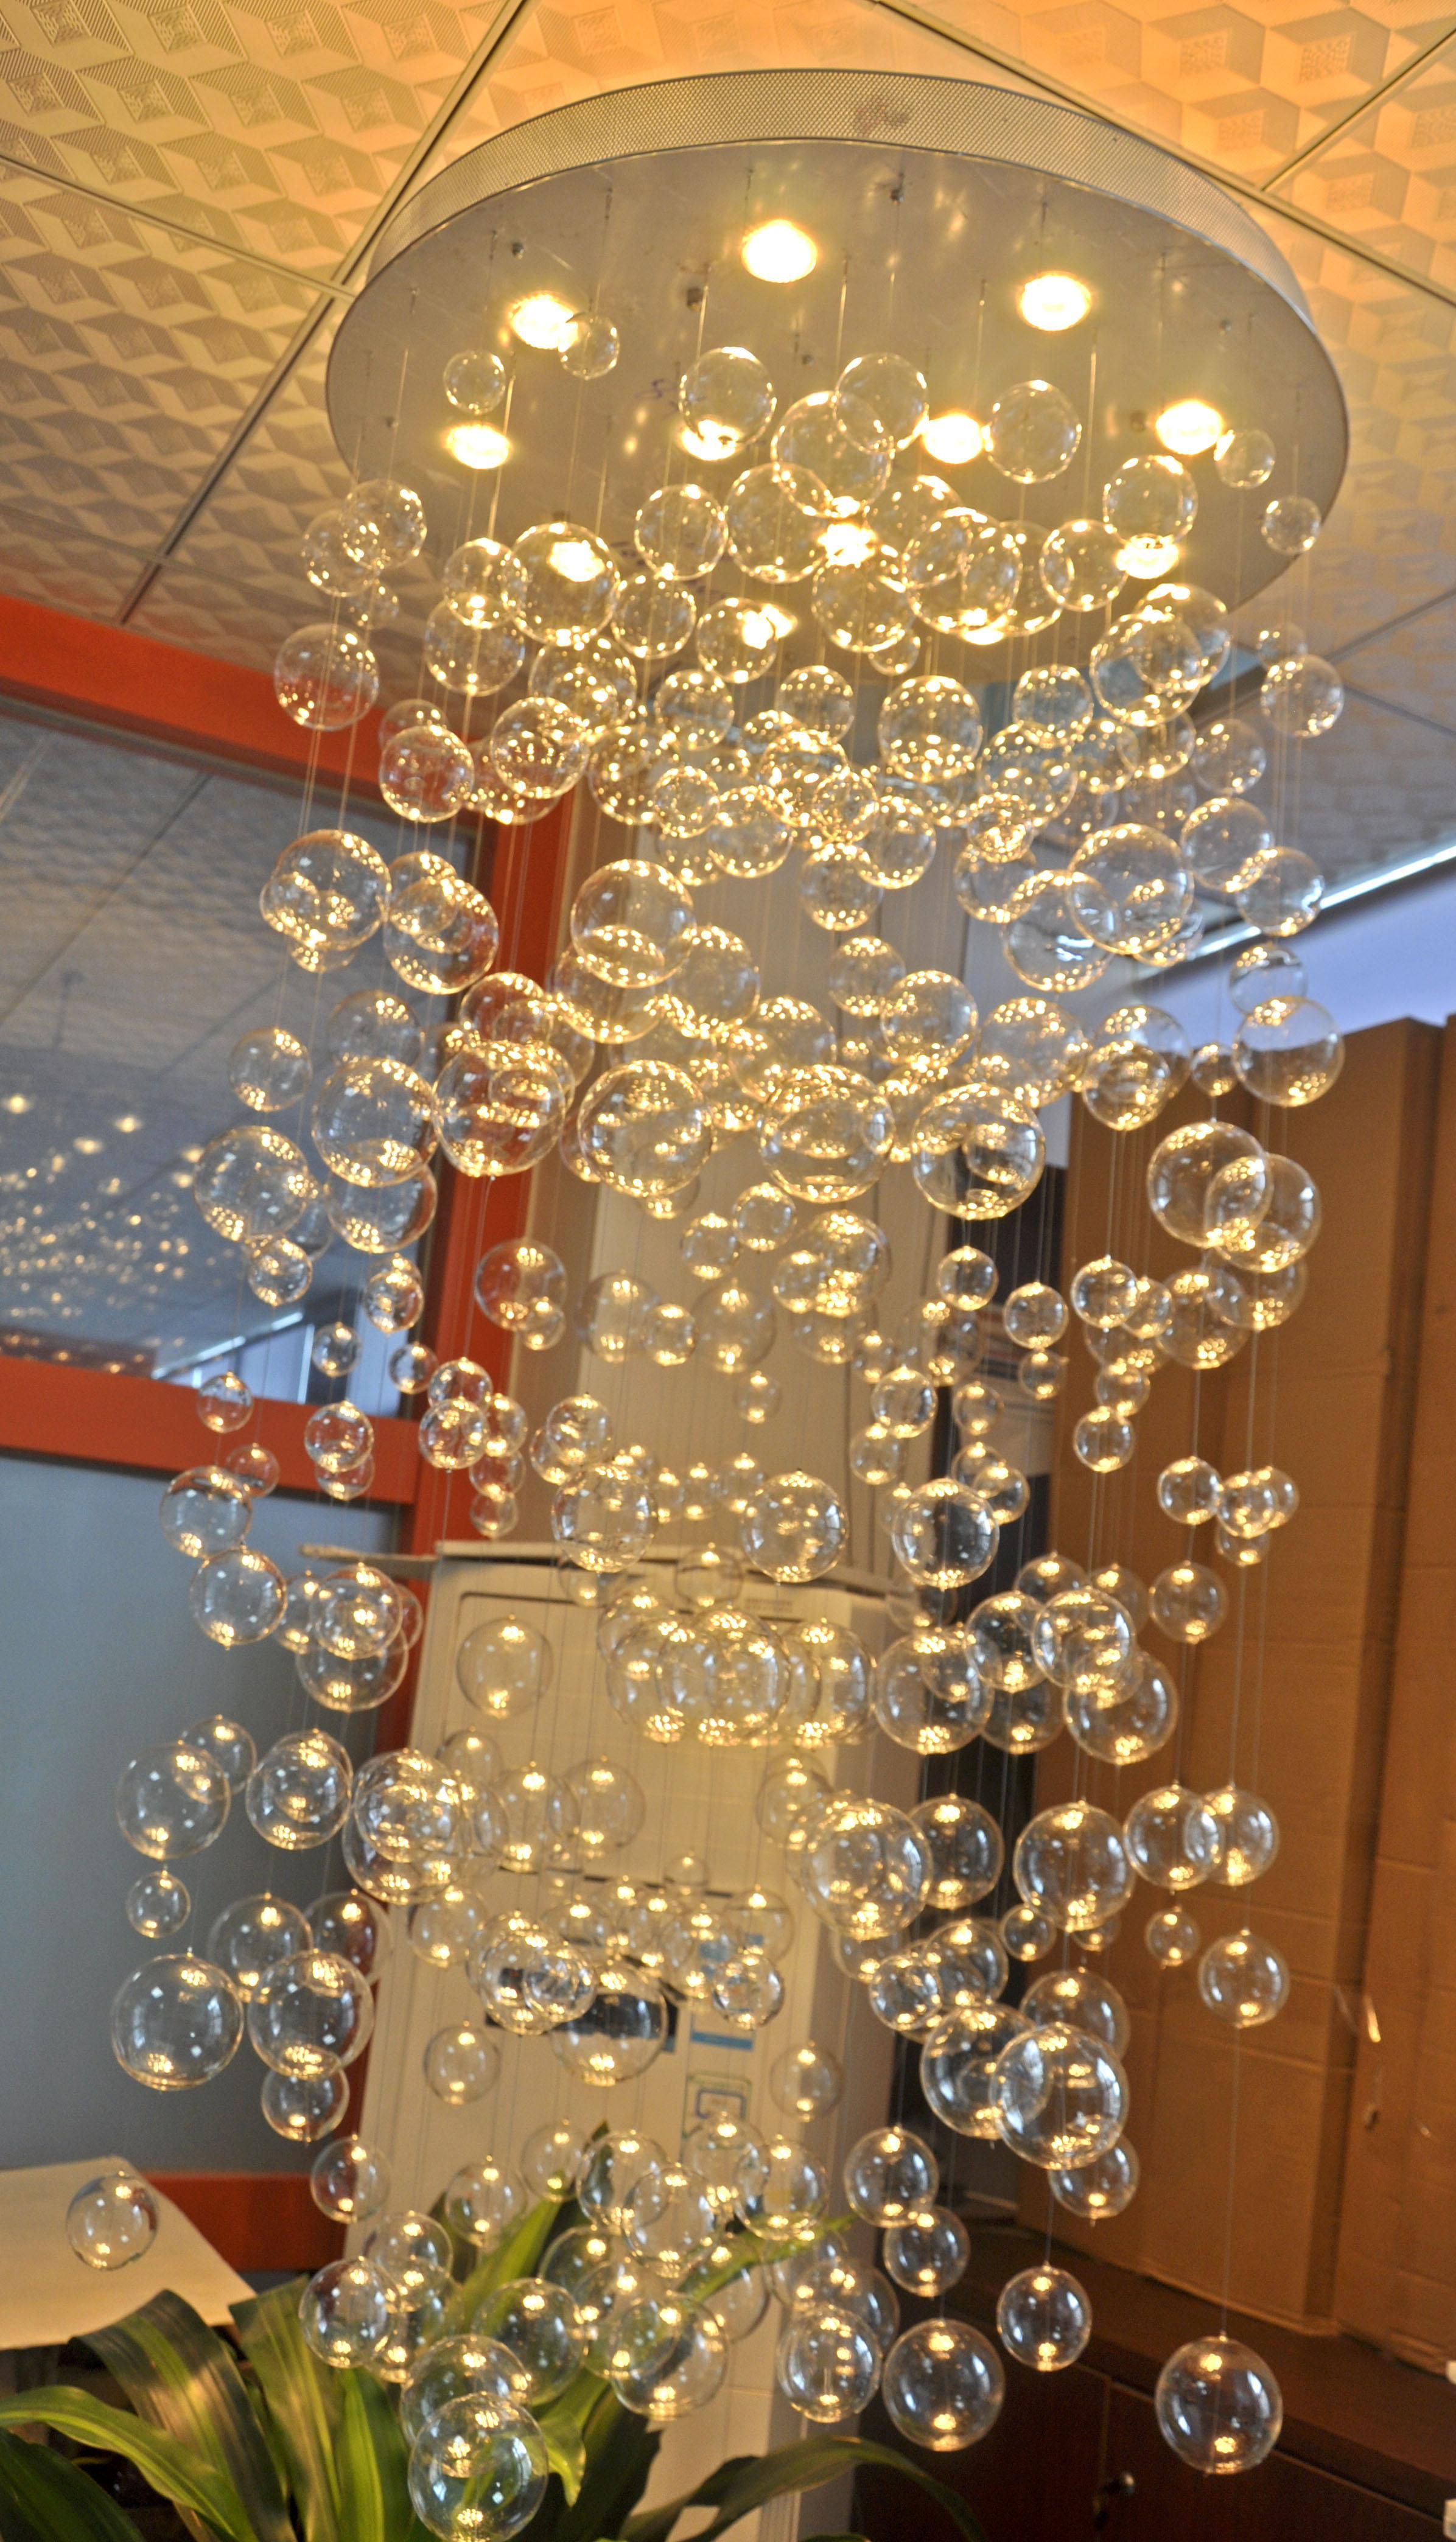 Modern Art Clear Glass Ball Hanging Lamp Modern Design Glass